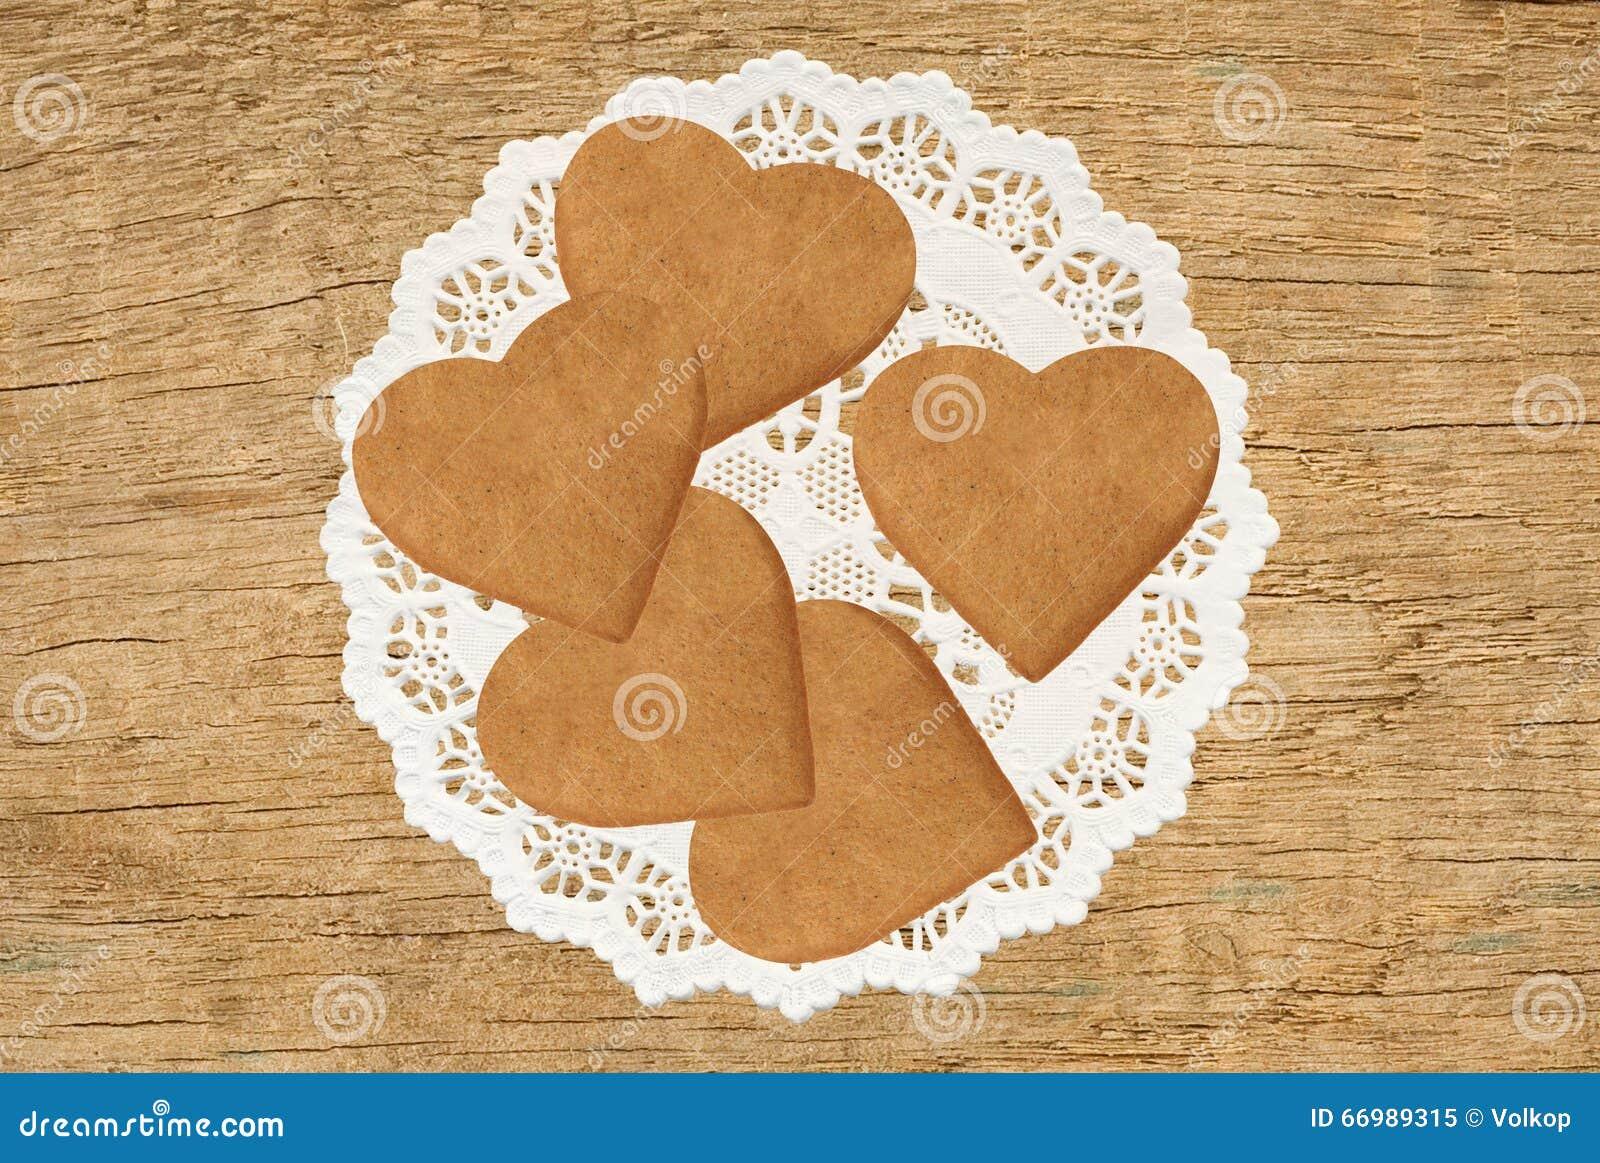 biscuits en forme de coeur sur le tissu de dentelle sur le fond en bois de table image stock. Black Bedroom Furniture Sets. Home Design Ideas